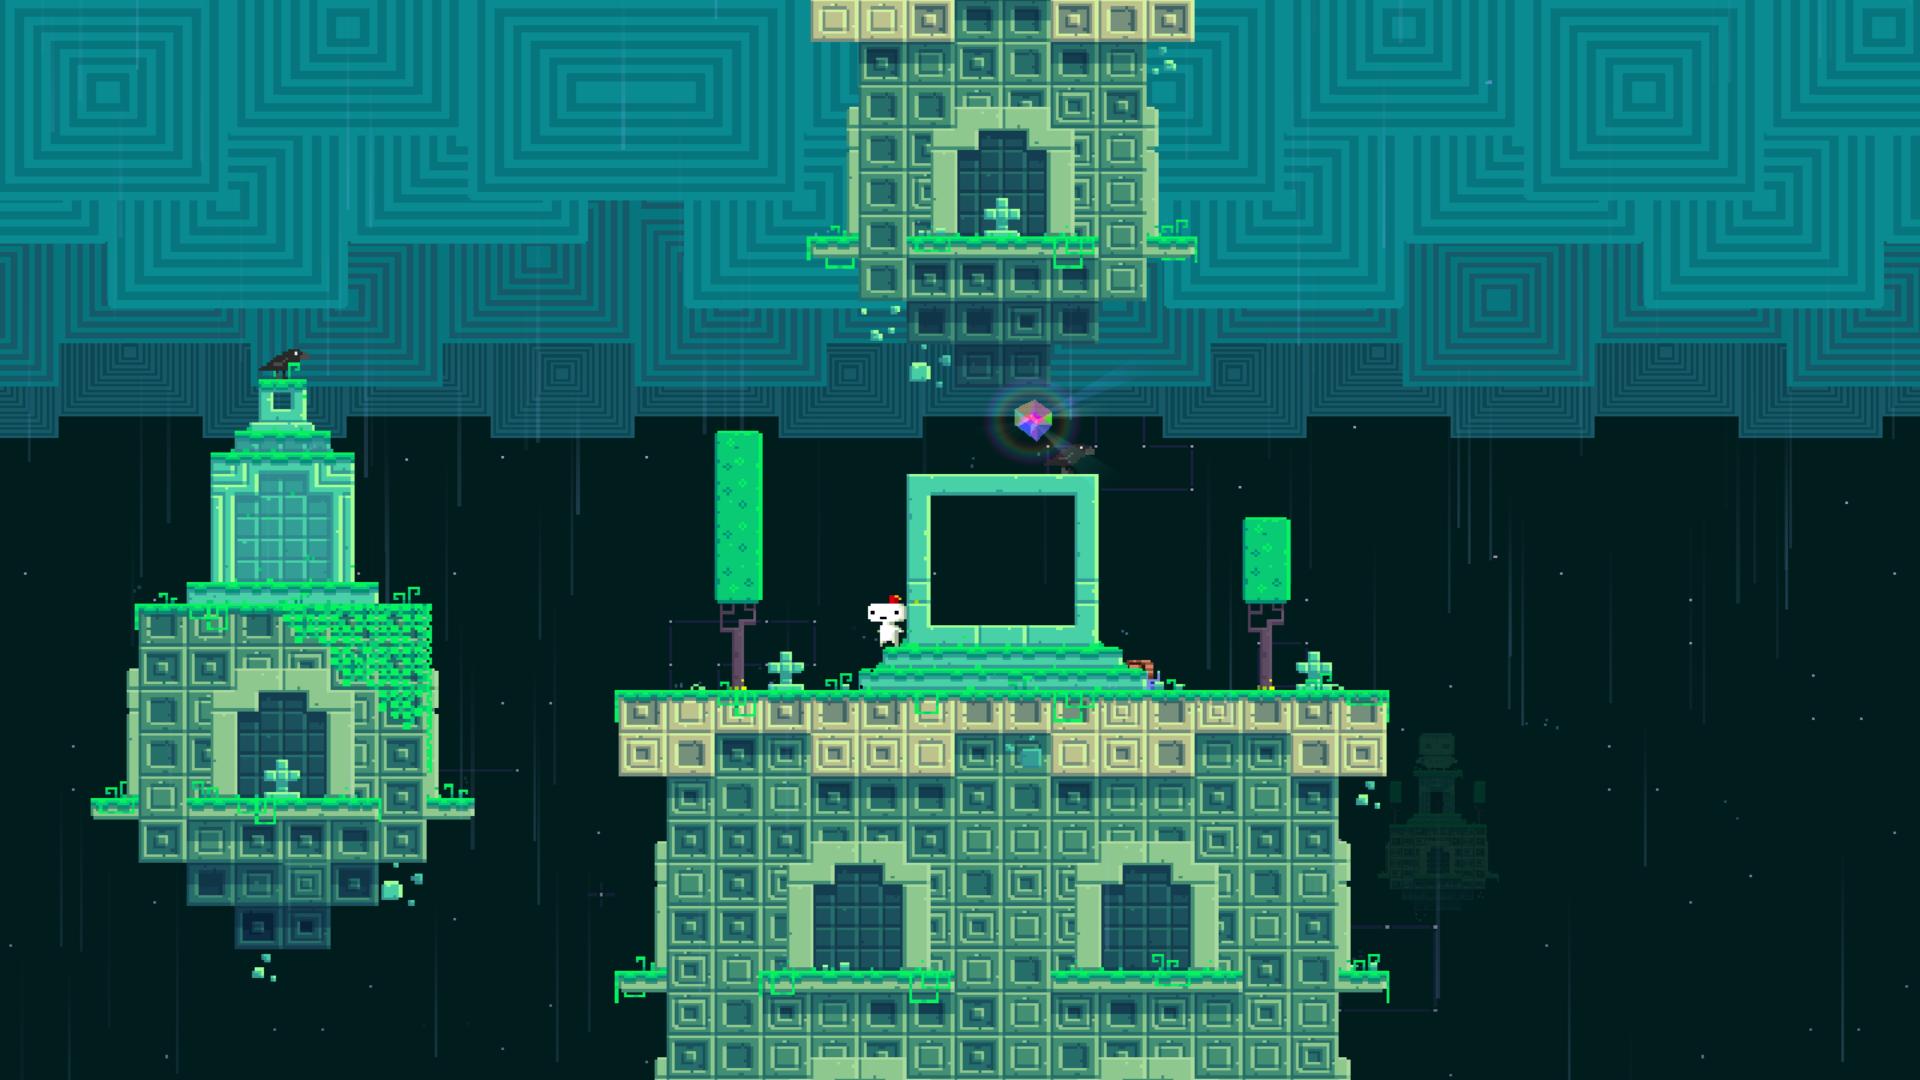 遊戲場景充滿古老文明的神秘美感